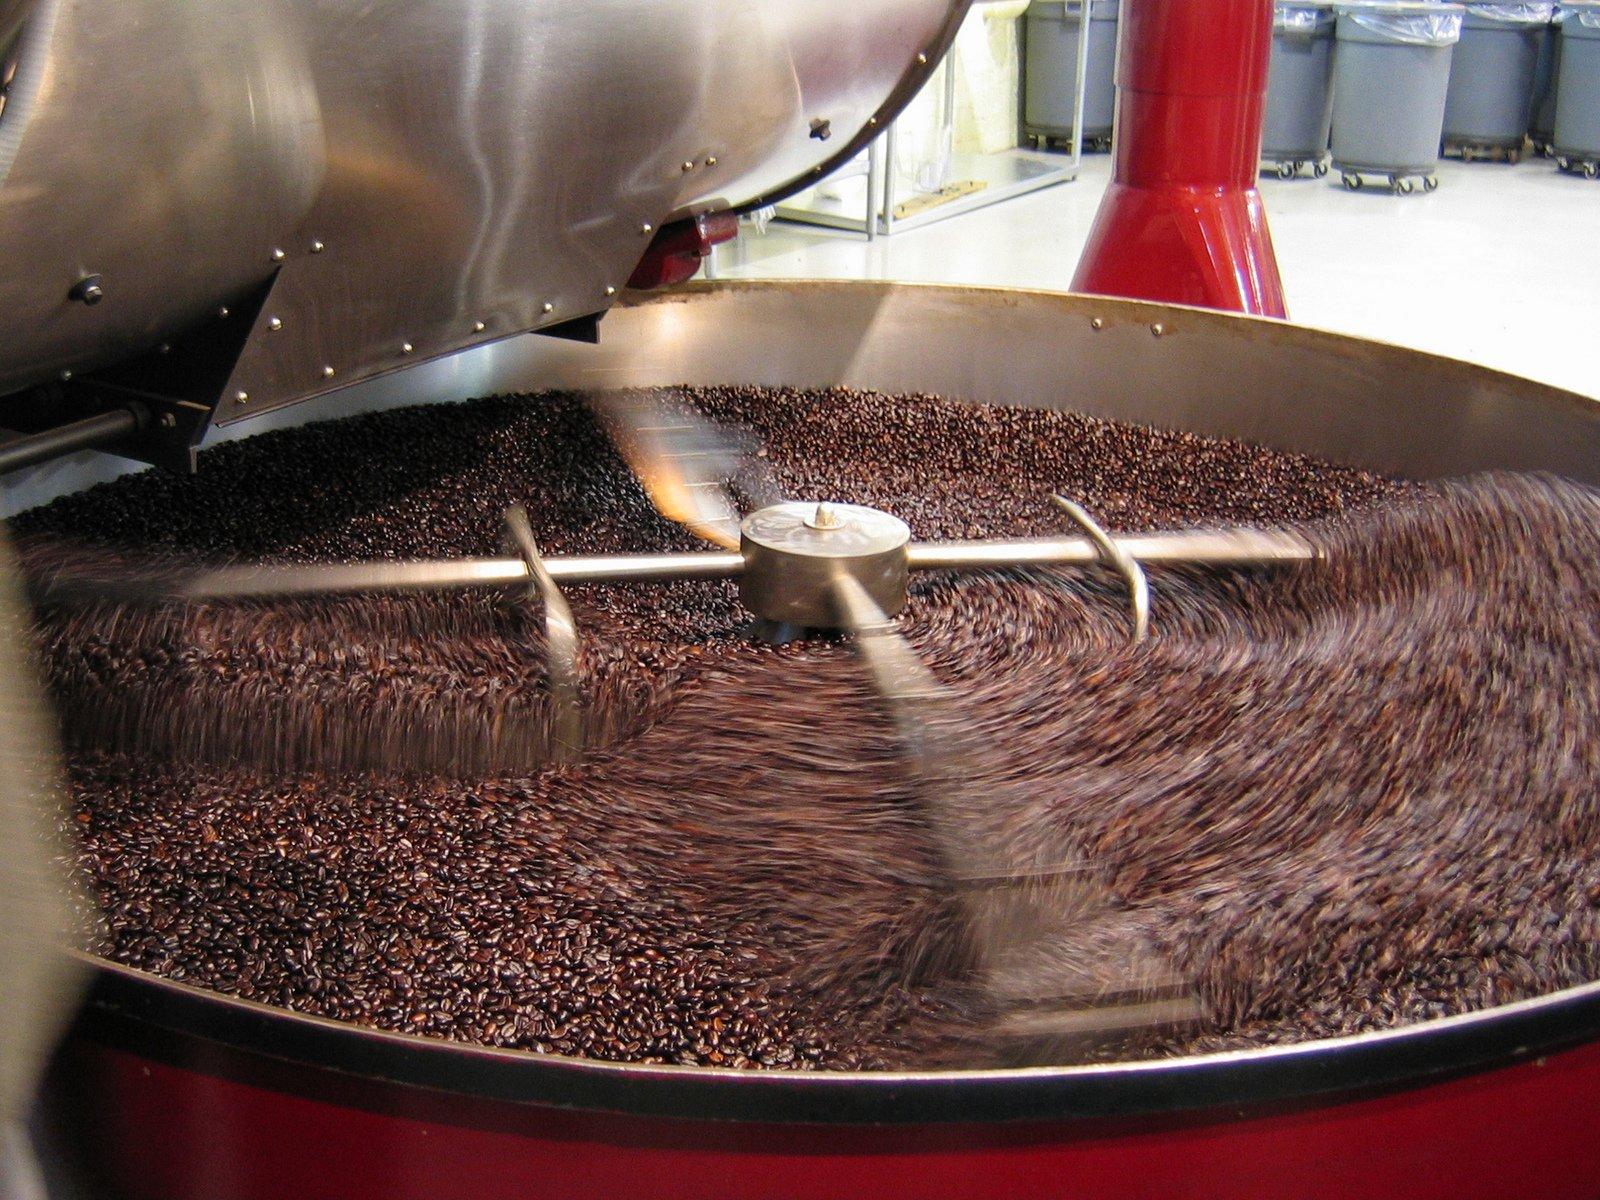 Jak si nejlépe vychutnat praženou kávu?